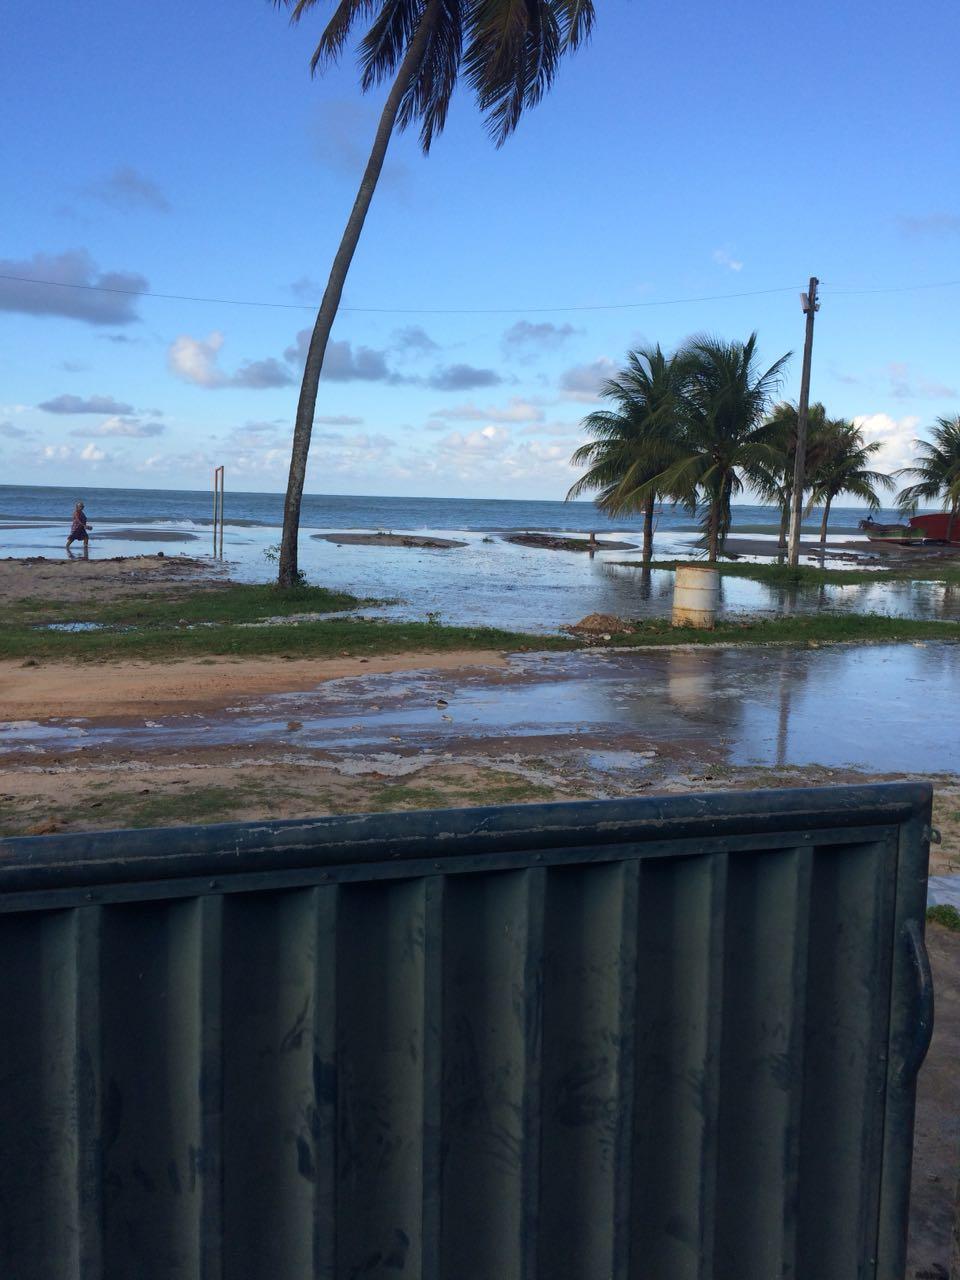 17258adb 8c13 4626 ac77 dc5c71612215 - VEJA VÍDEOS: Ressaca causa inundações nas praias de Tambaú e Cabo Branco